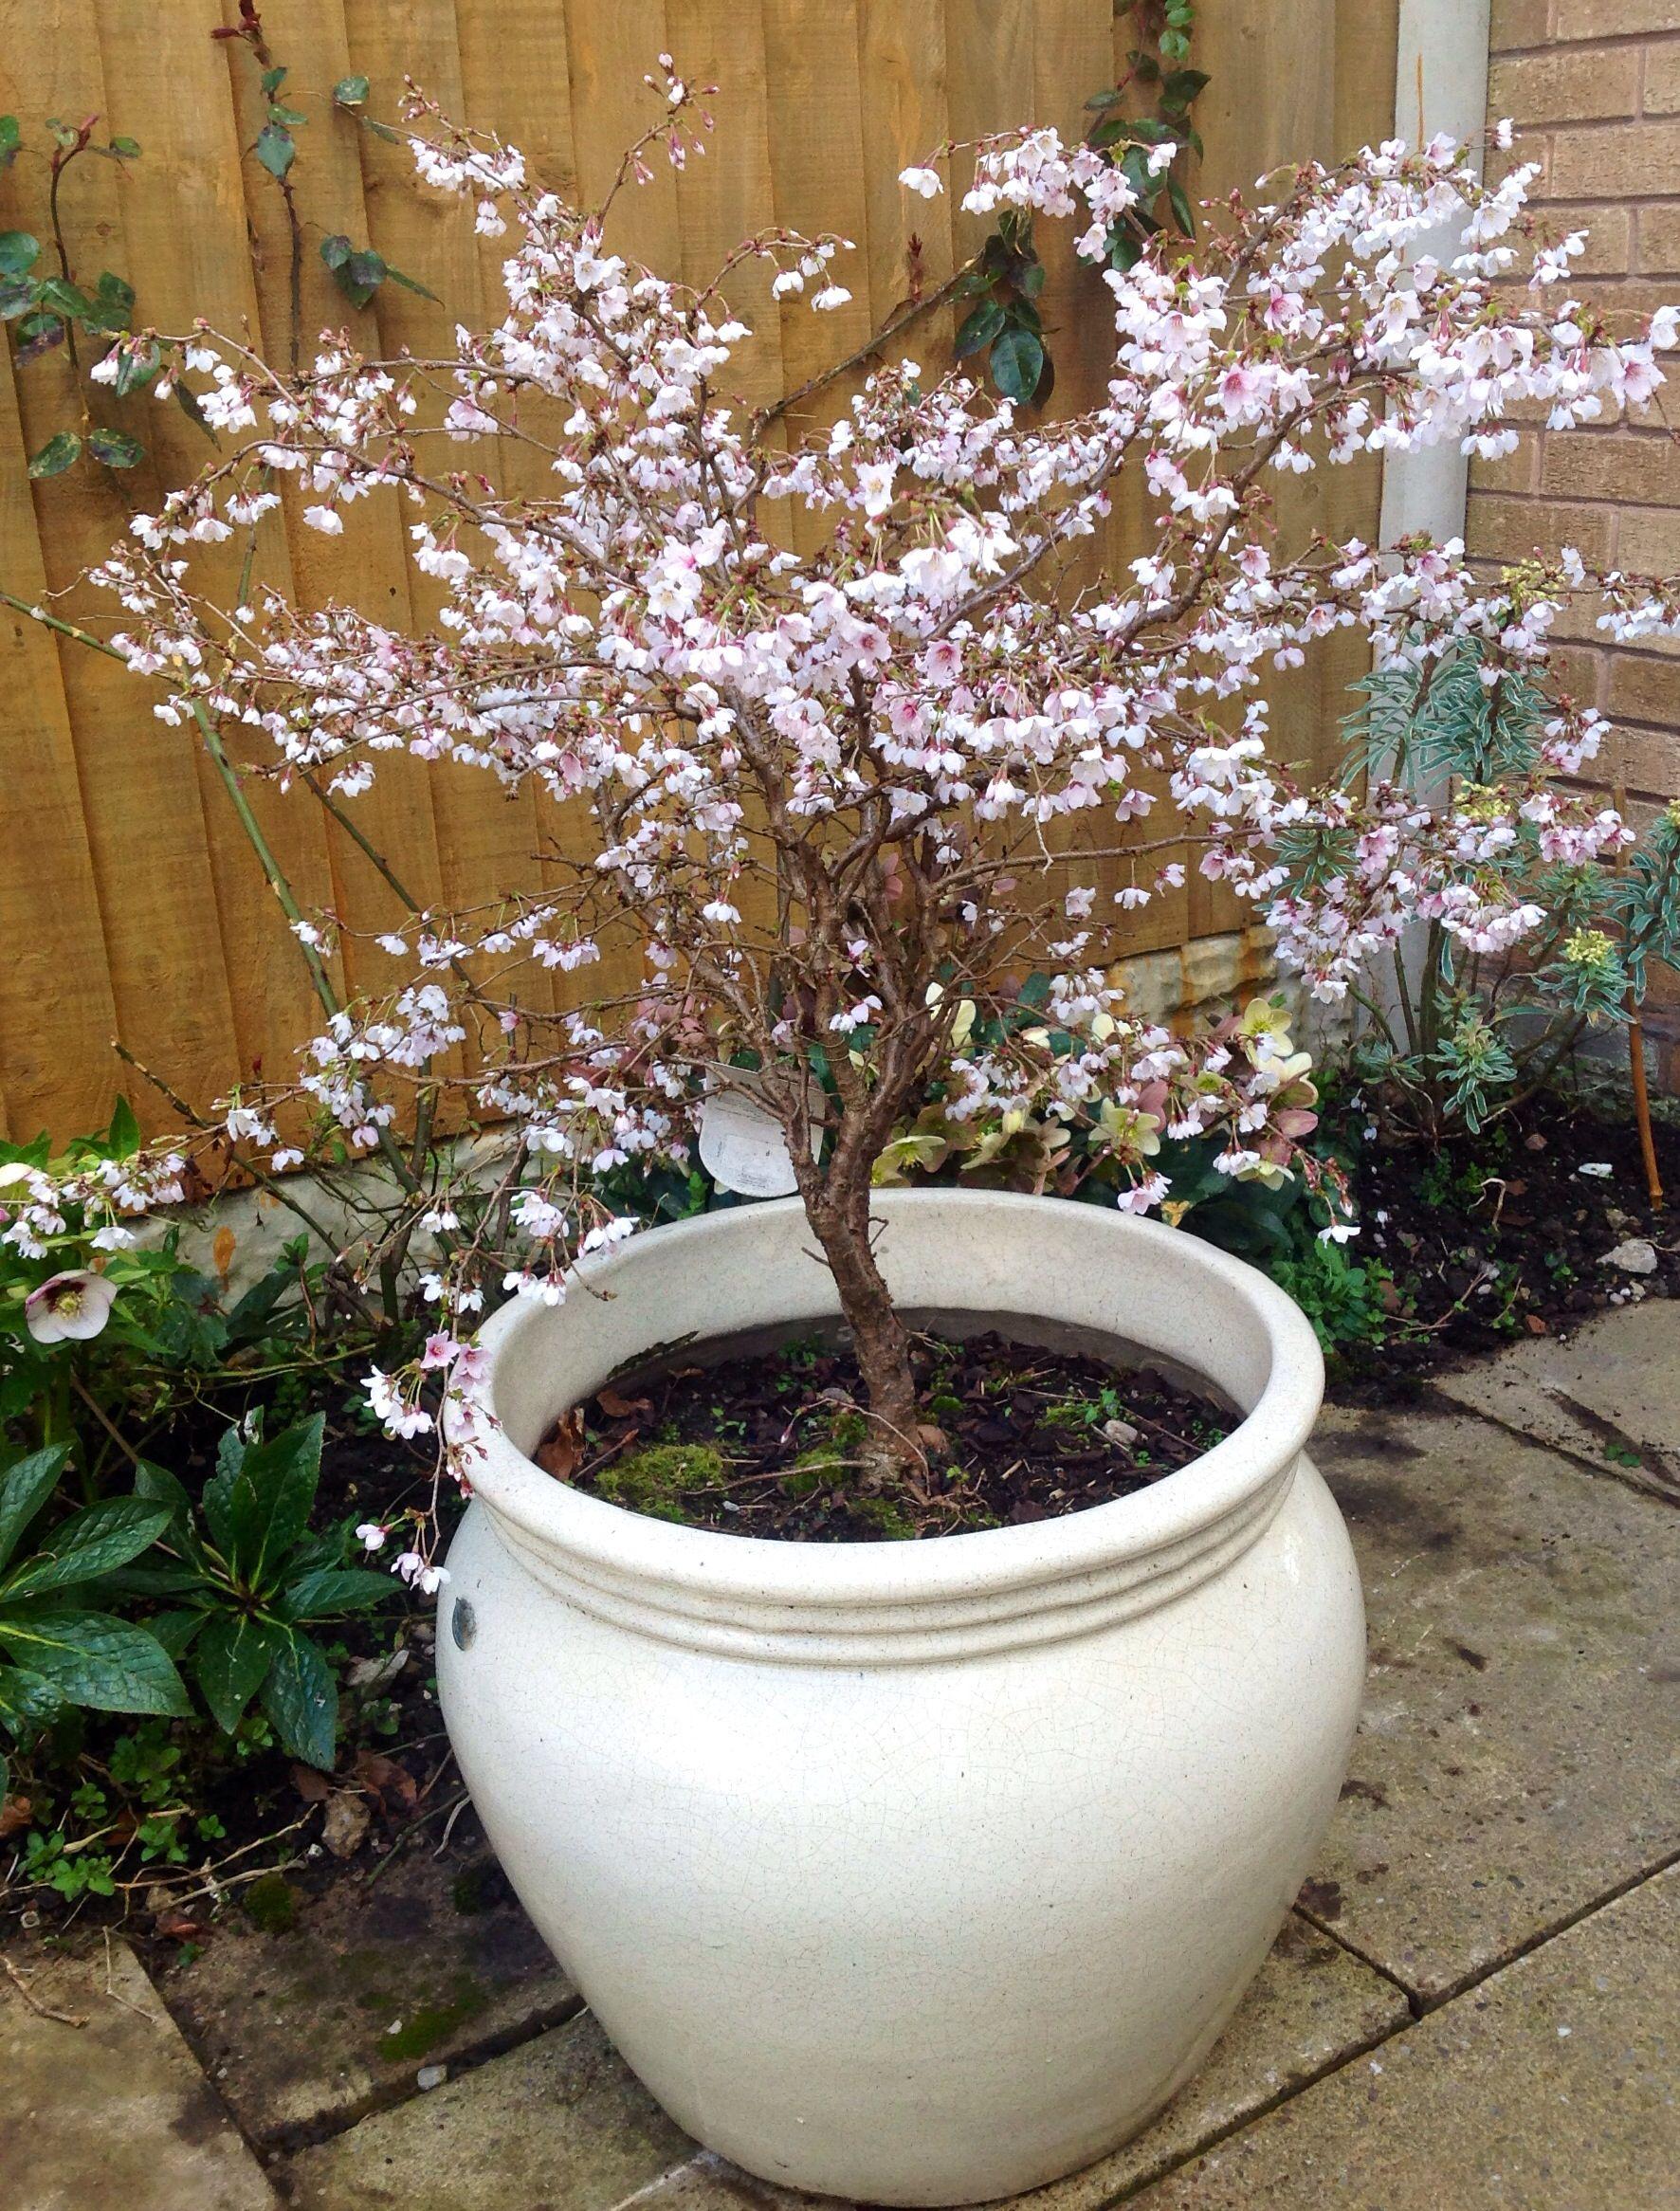 Prunus Kojo No Mai : prunus, Prunus, Incisa, 'Kojo, Mai'., Gorgeous, Small, Flowering, Cherry., Light, Dappled, Shade., Ea…, Ornamental, Trees,, Cherry, Tree,